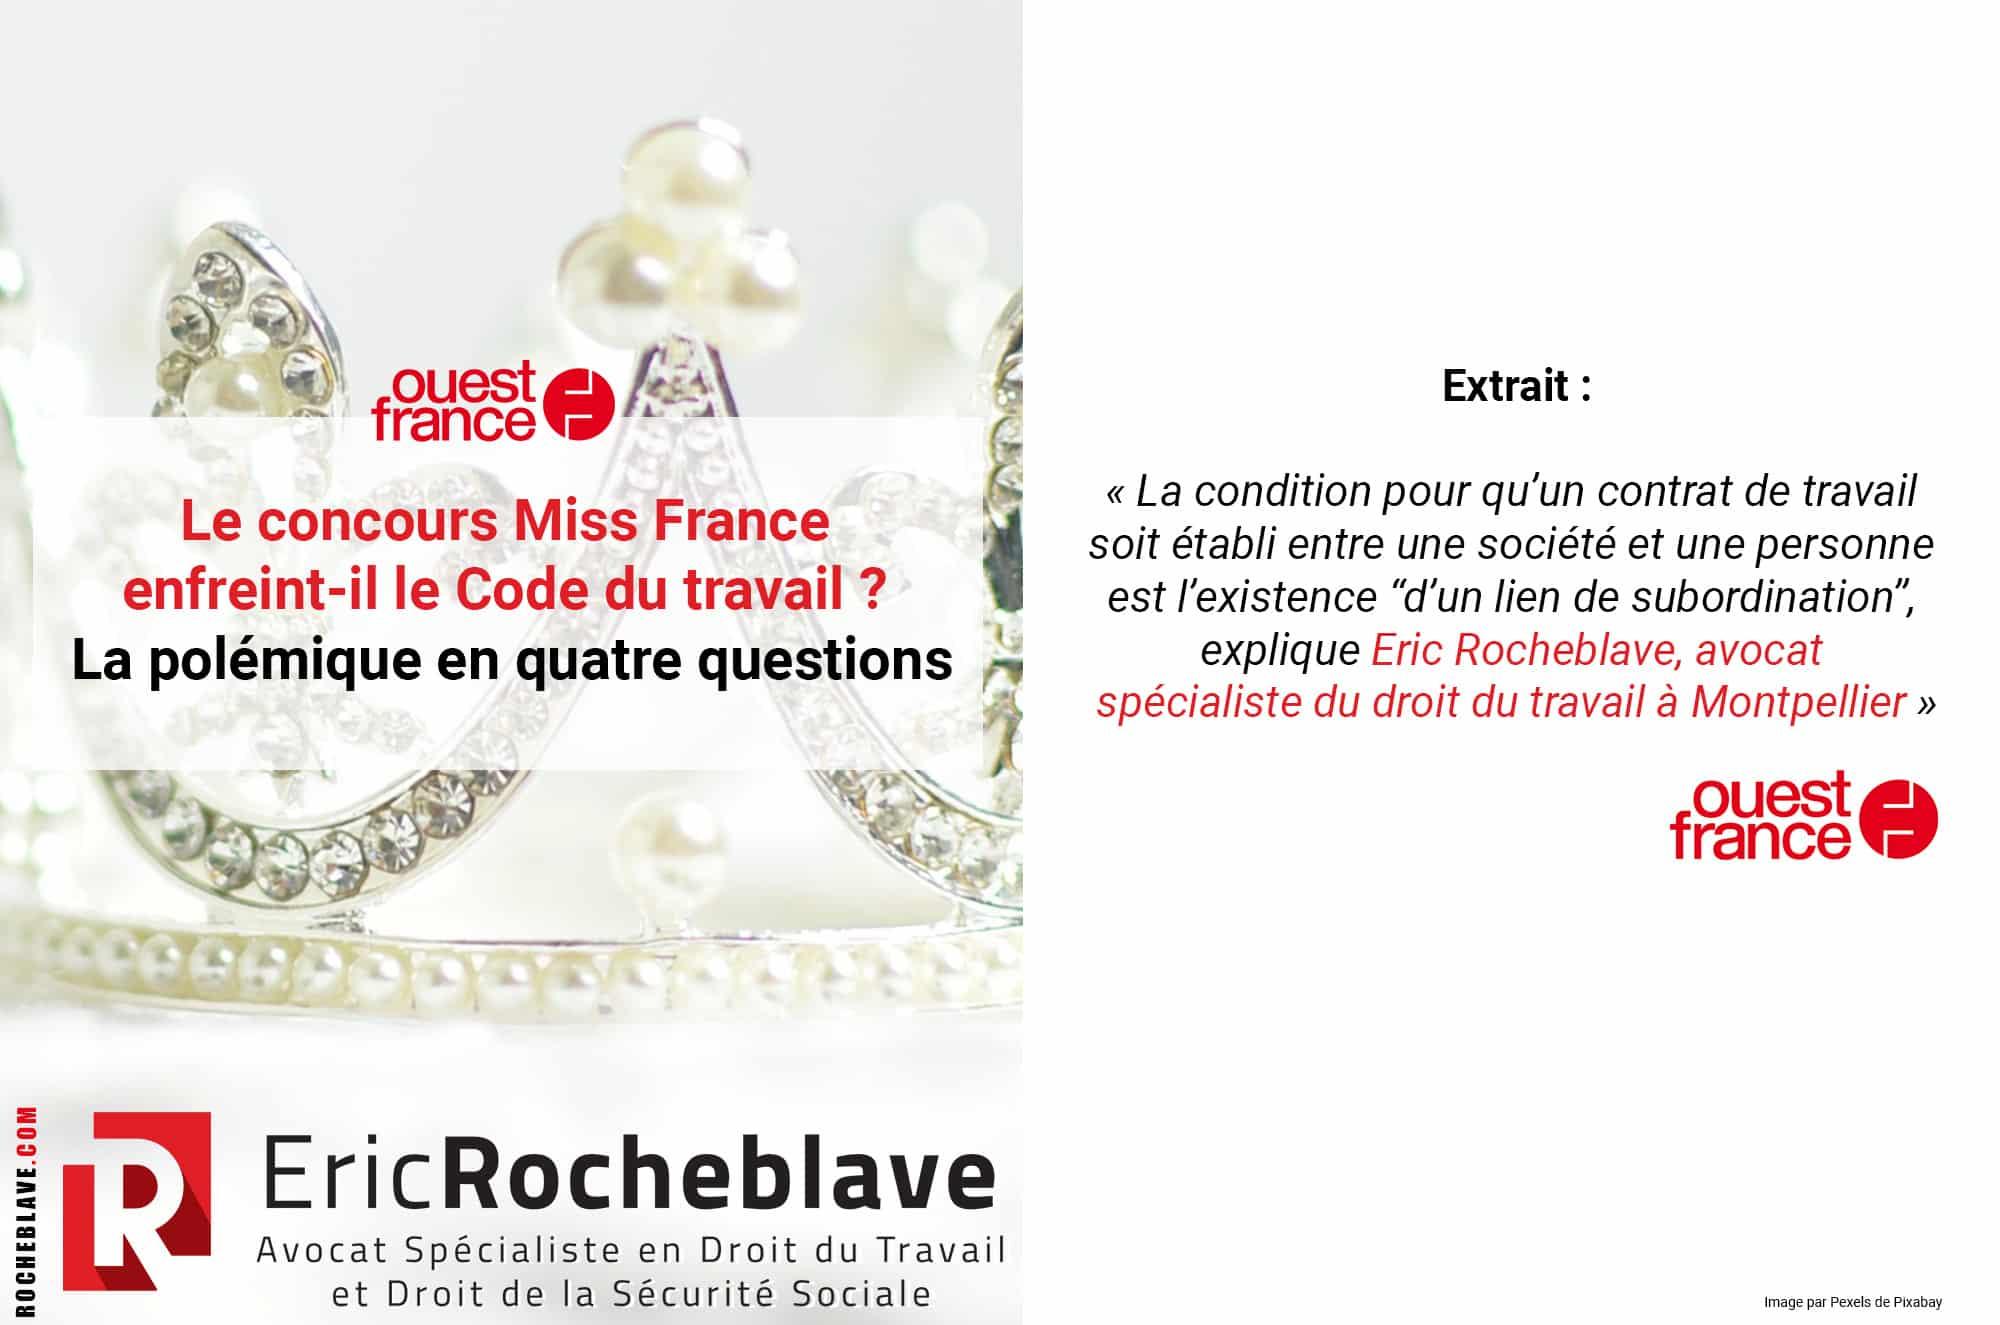 Le concours Miss France enfreint-il le Code du travail ? La polémique en quatre questions